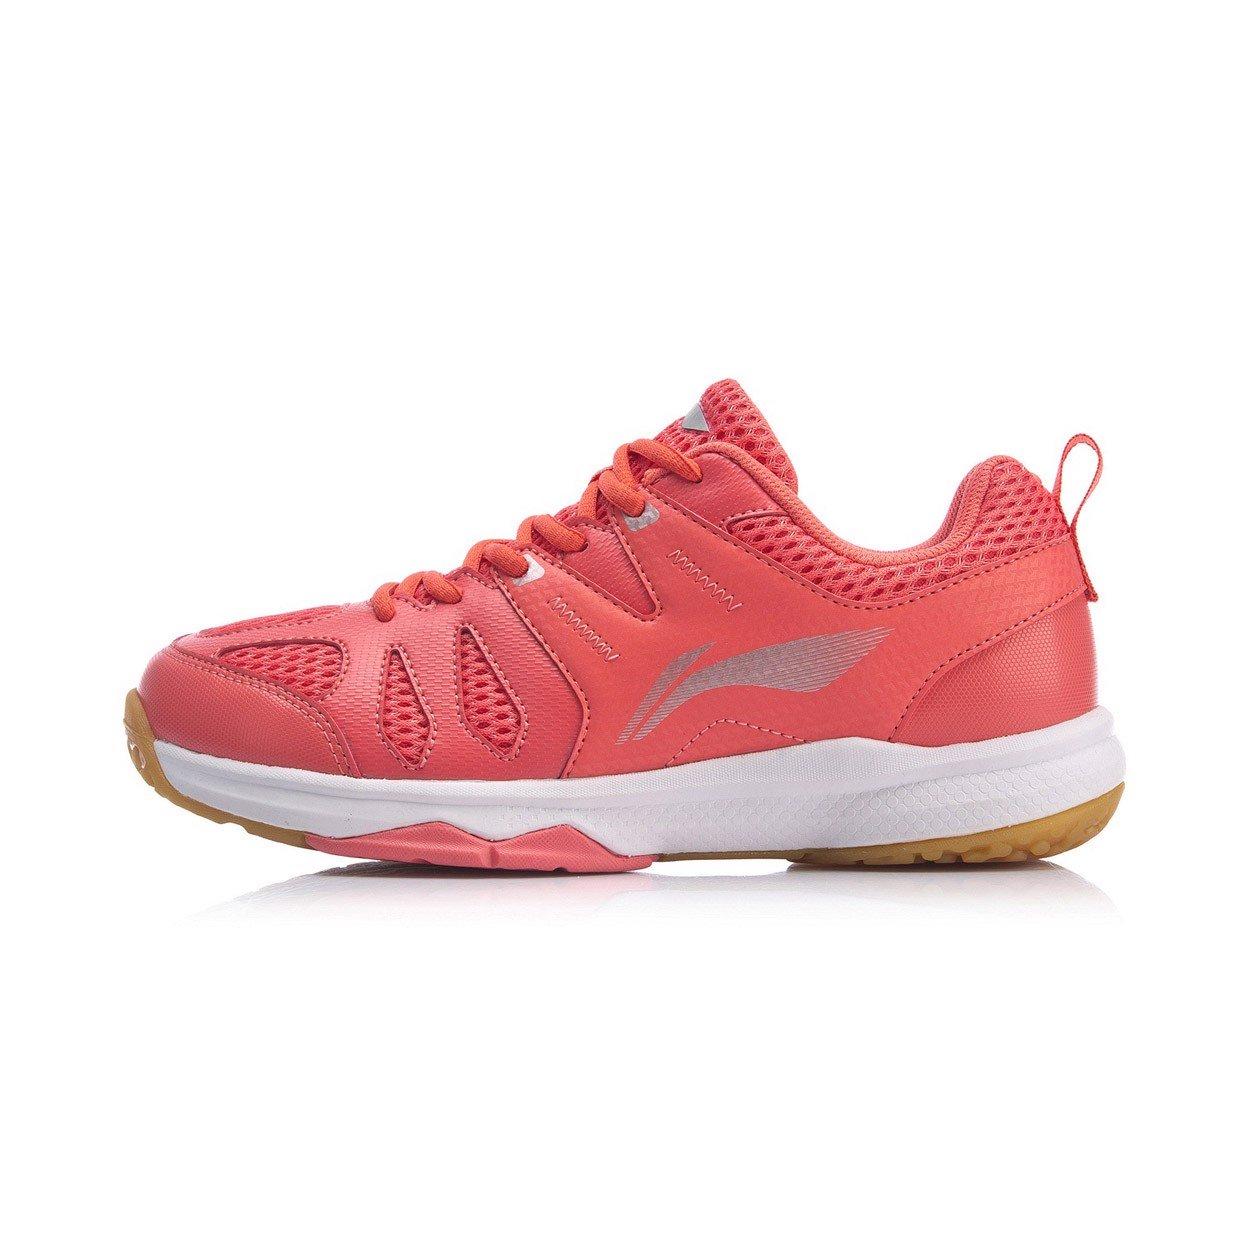 Bảng giá Li-Ning giày cầu lông nữ AYTP034